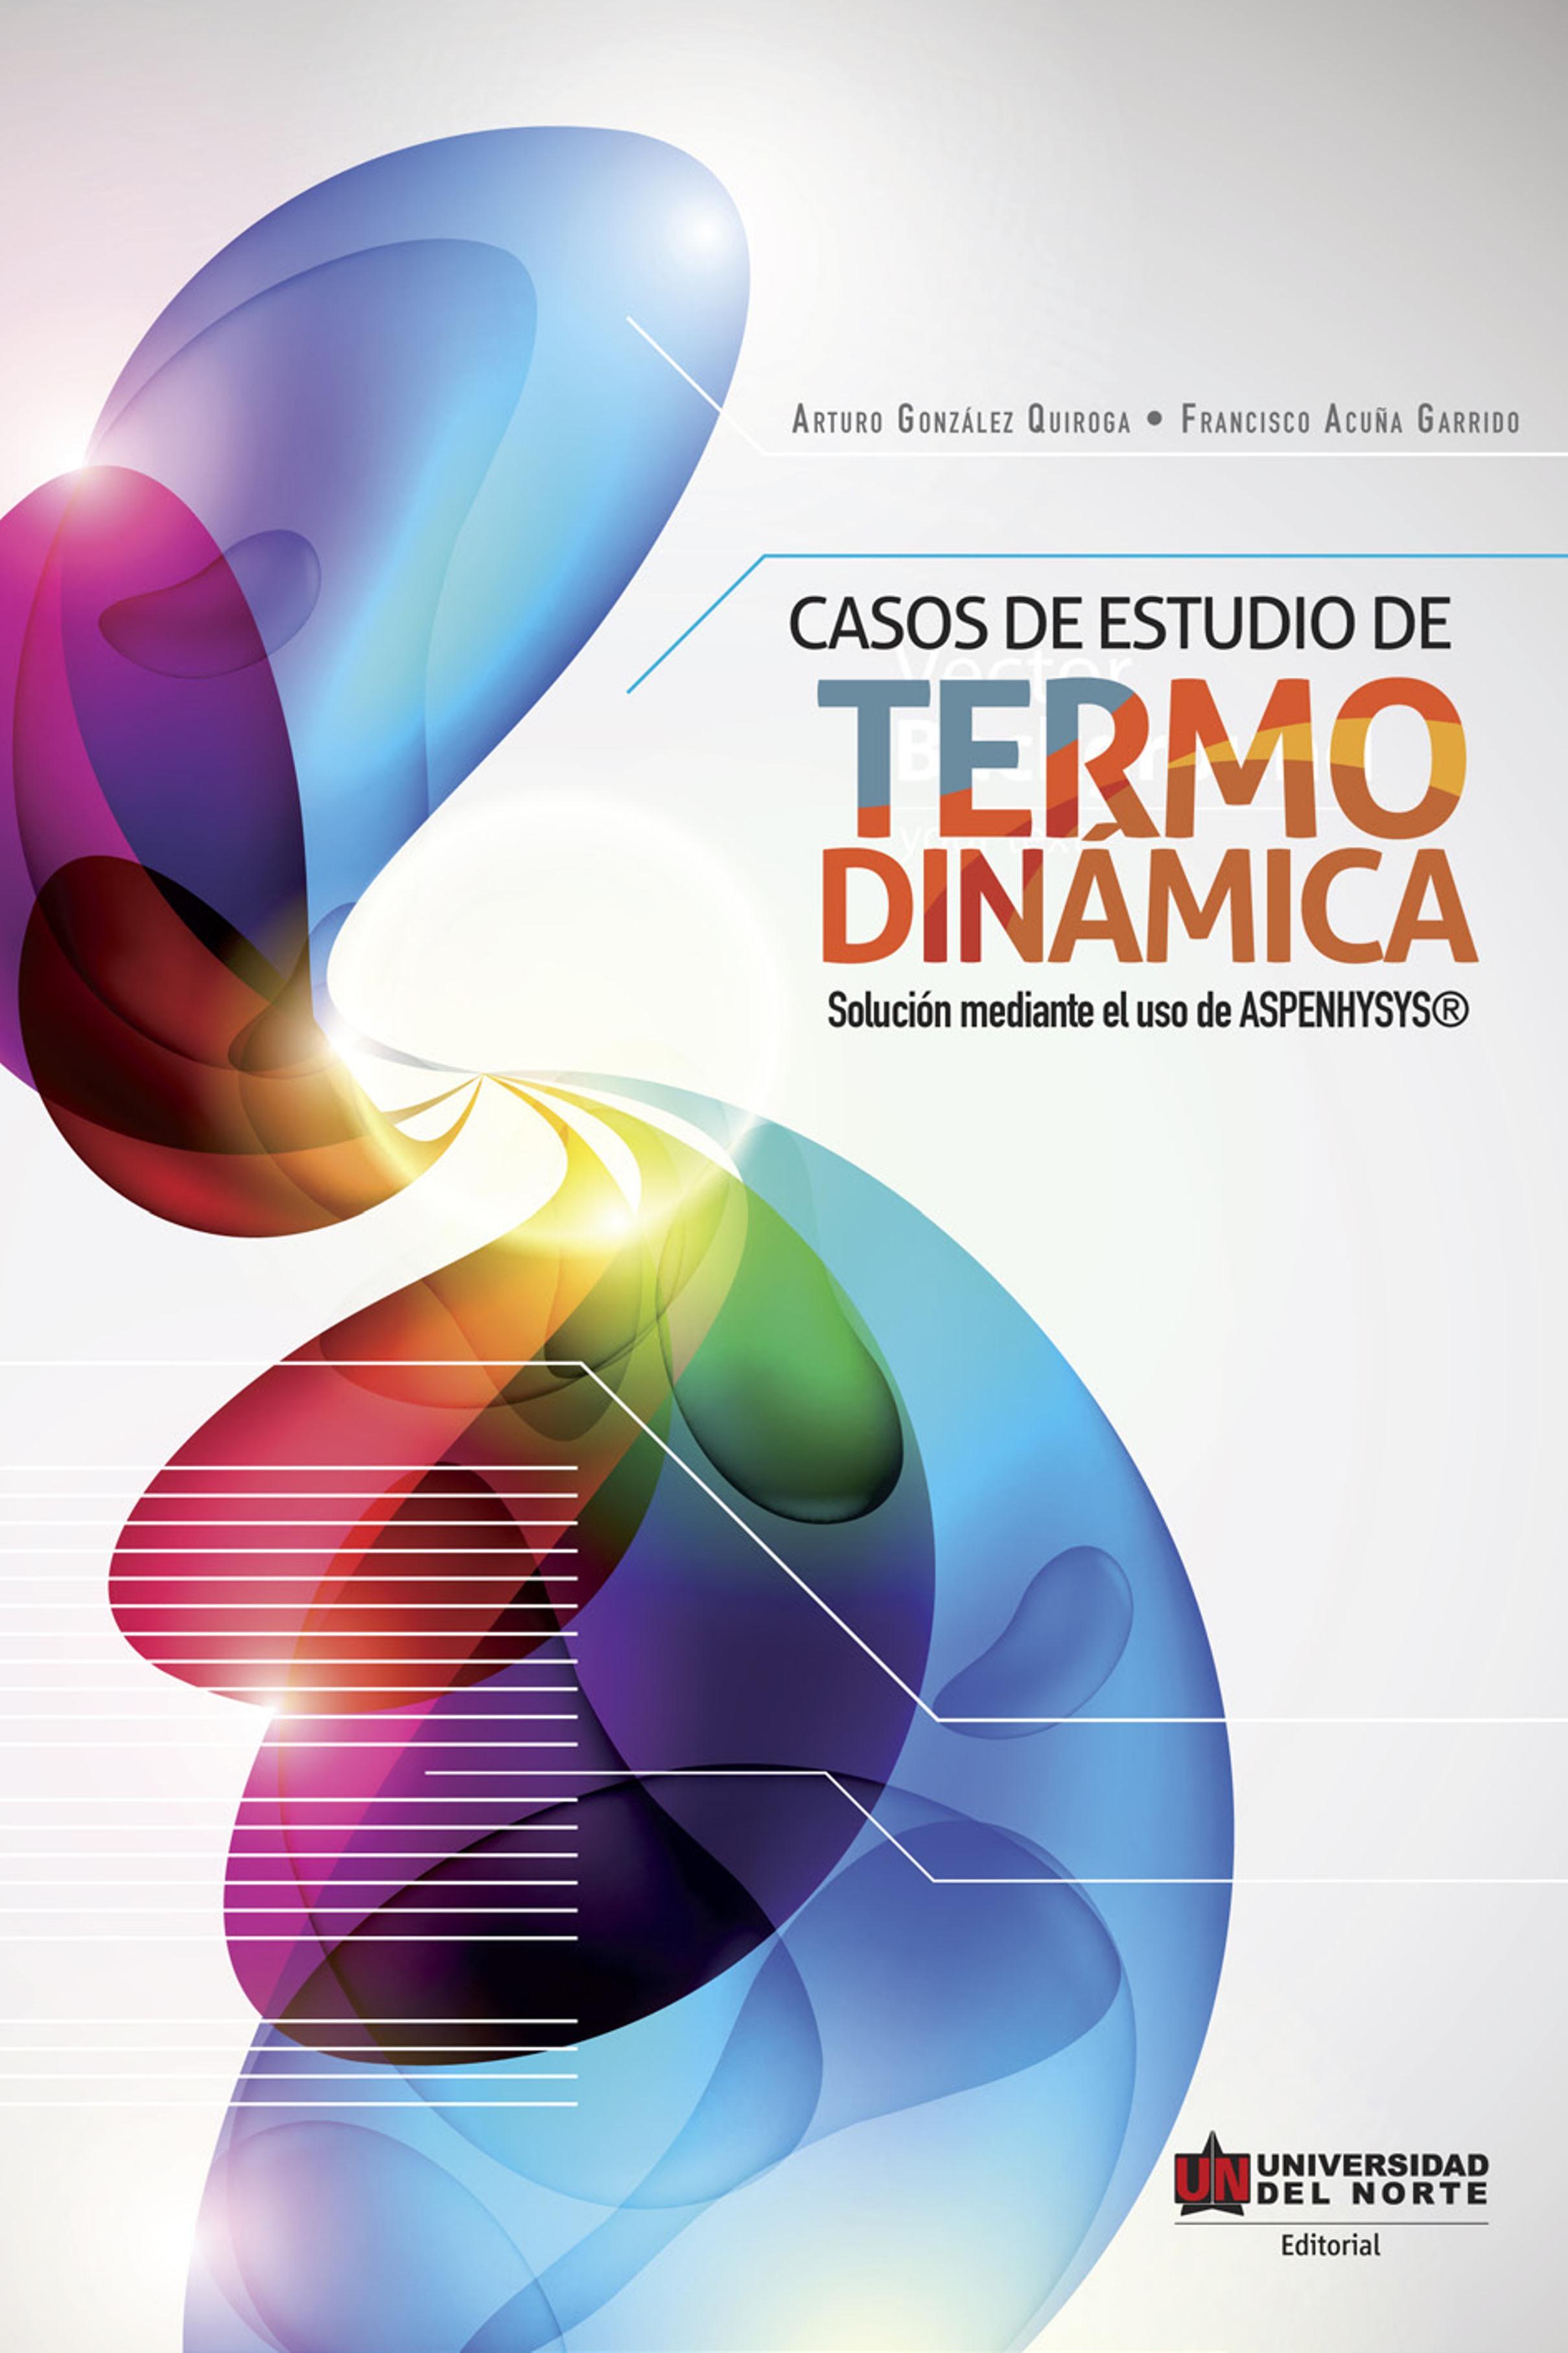 Arturo González Quiroga Casos de estudio de termodinámica